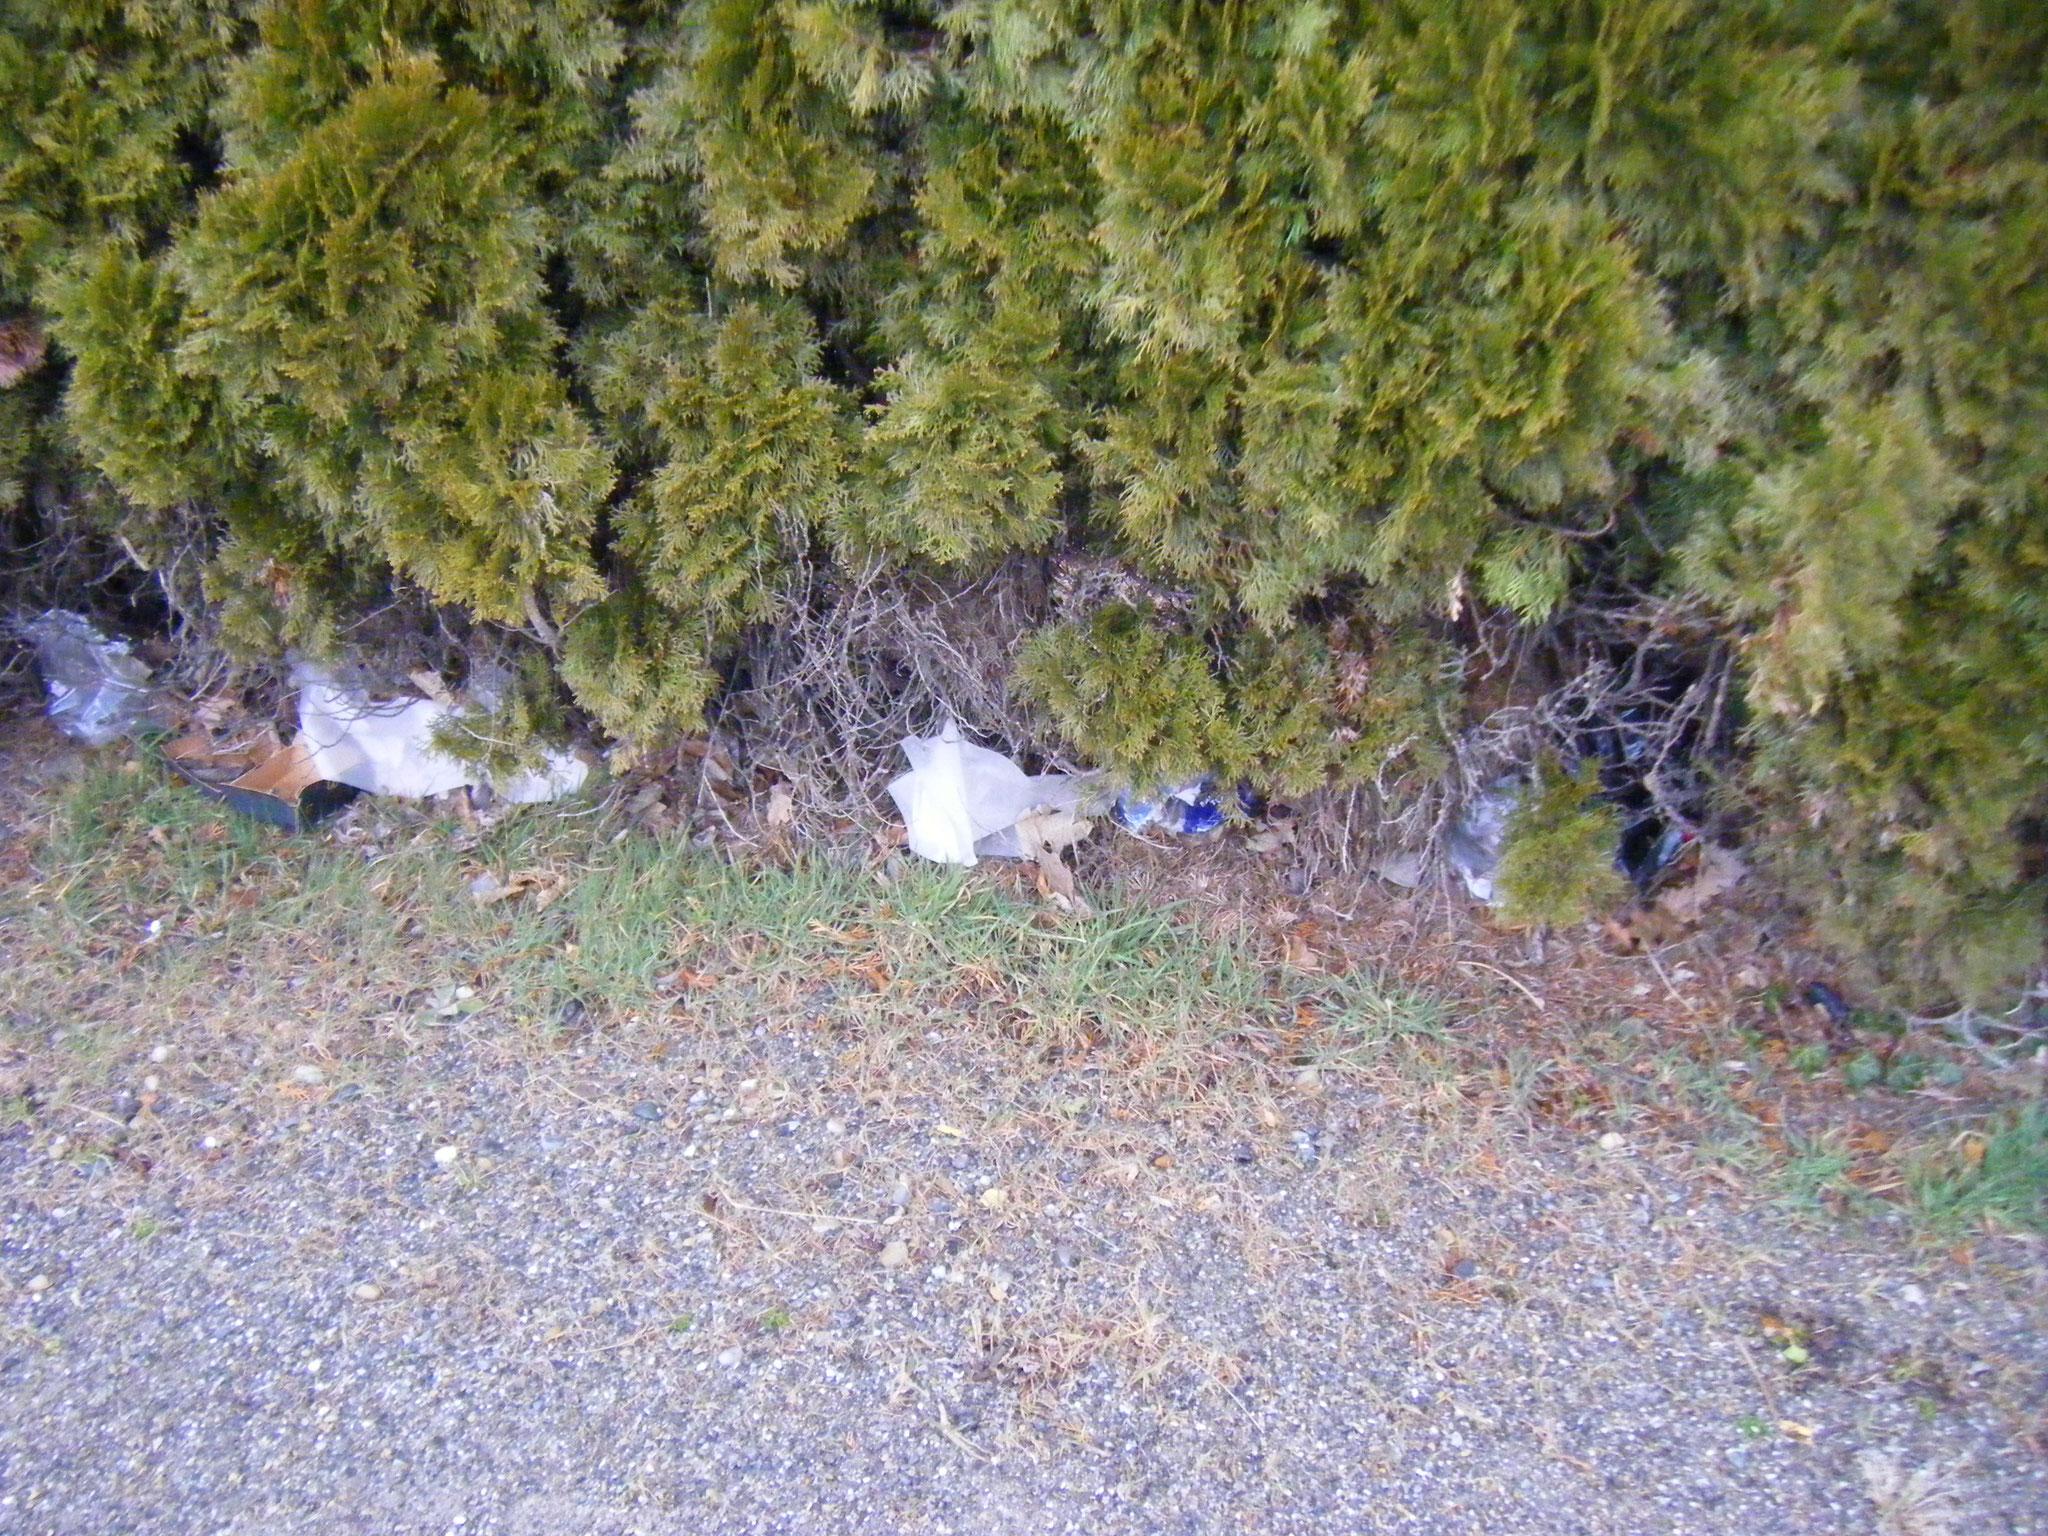 am Fuß dieses Gebüsches am ZF-Parkplatz gibt es kein müllfreies Fleckchen mehr